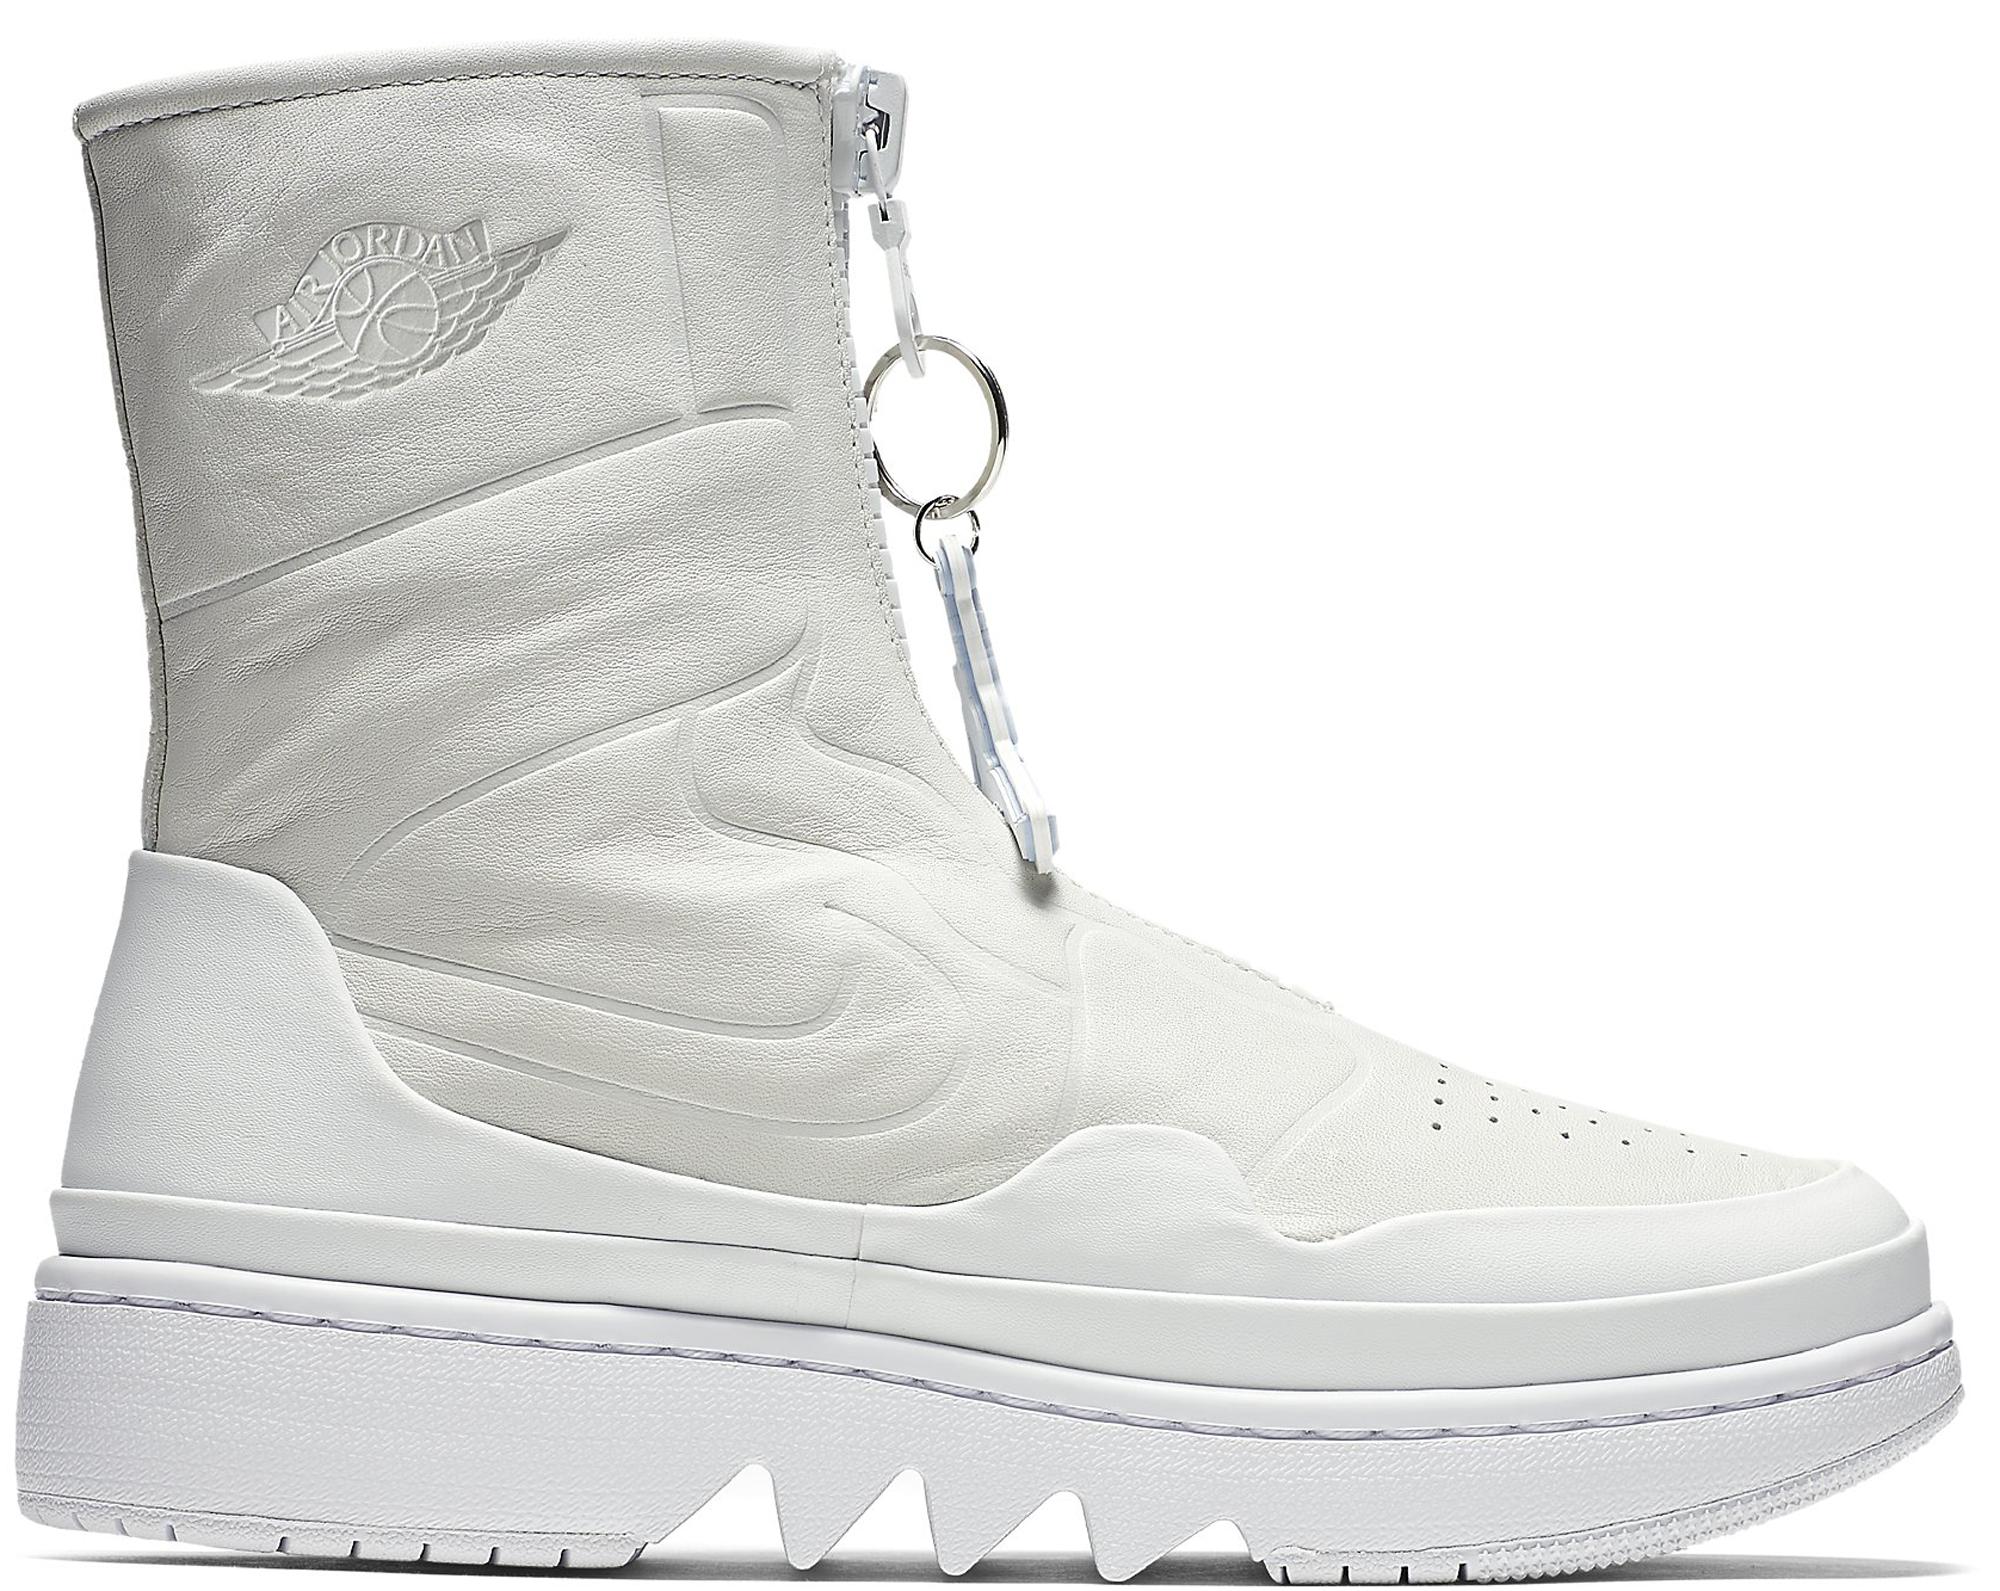 Jordan 1 Jester XX Off White (W)